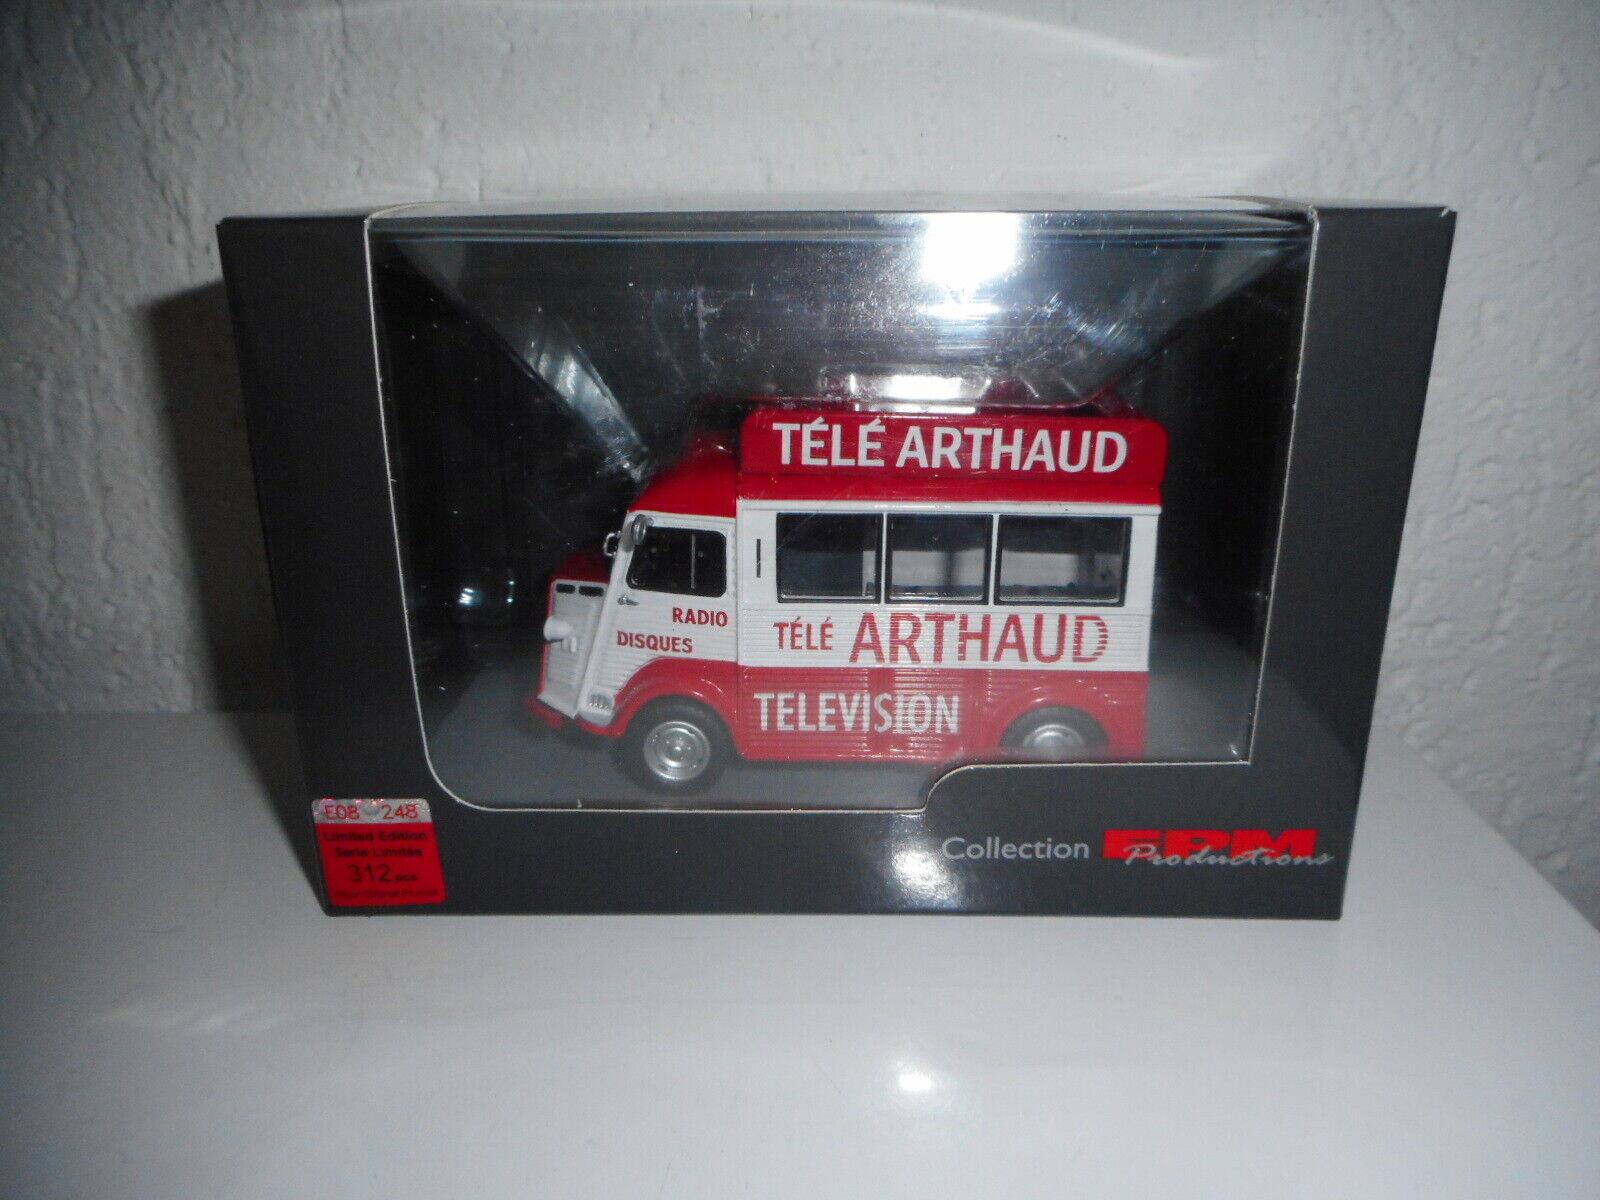 Raro Epm Producción Citroen Tipo H TV Arthaud Edición Limitada 1 43